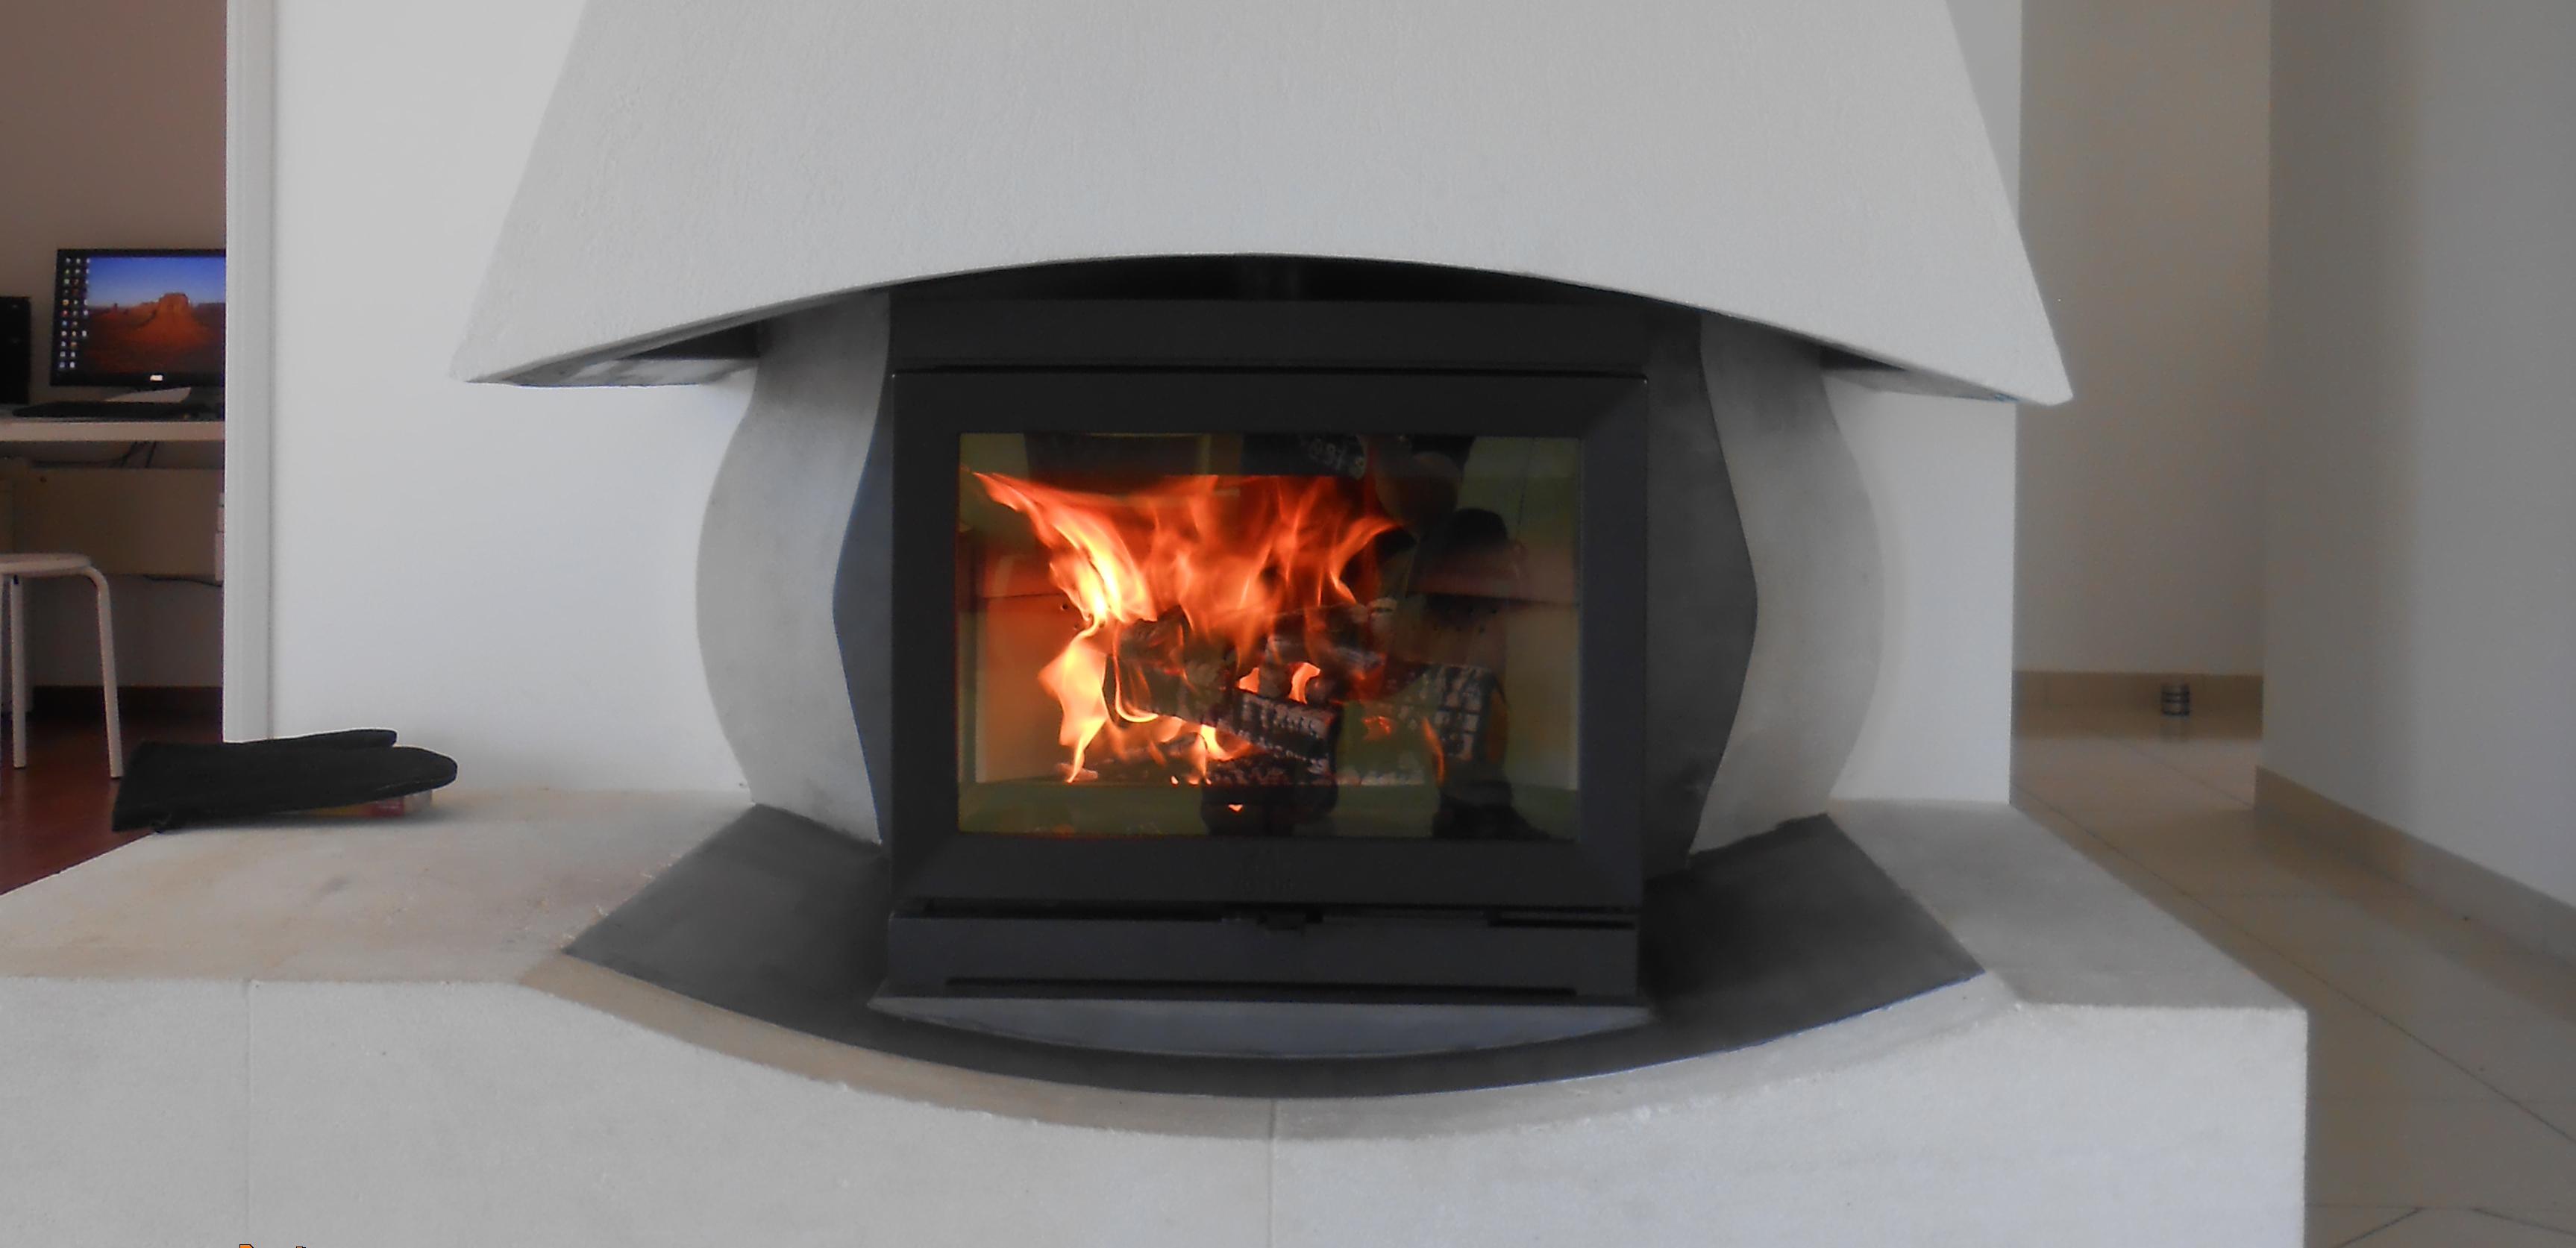 Photo rénovation cheminée, poele à bois, JOTUL F 520 , JOTUL Brive Cheminées, ancien foyer ouvert, béton ciré